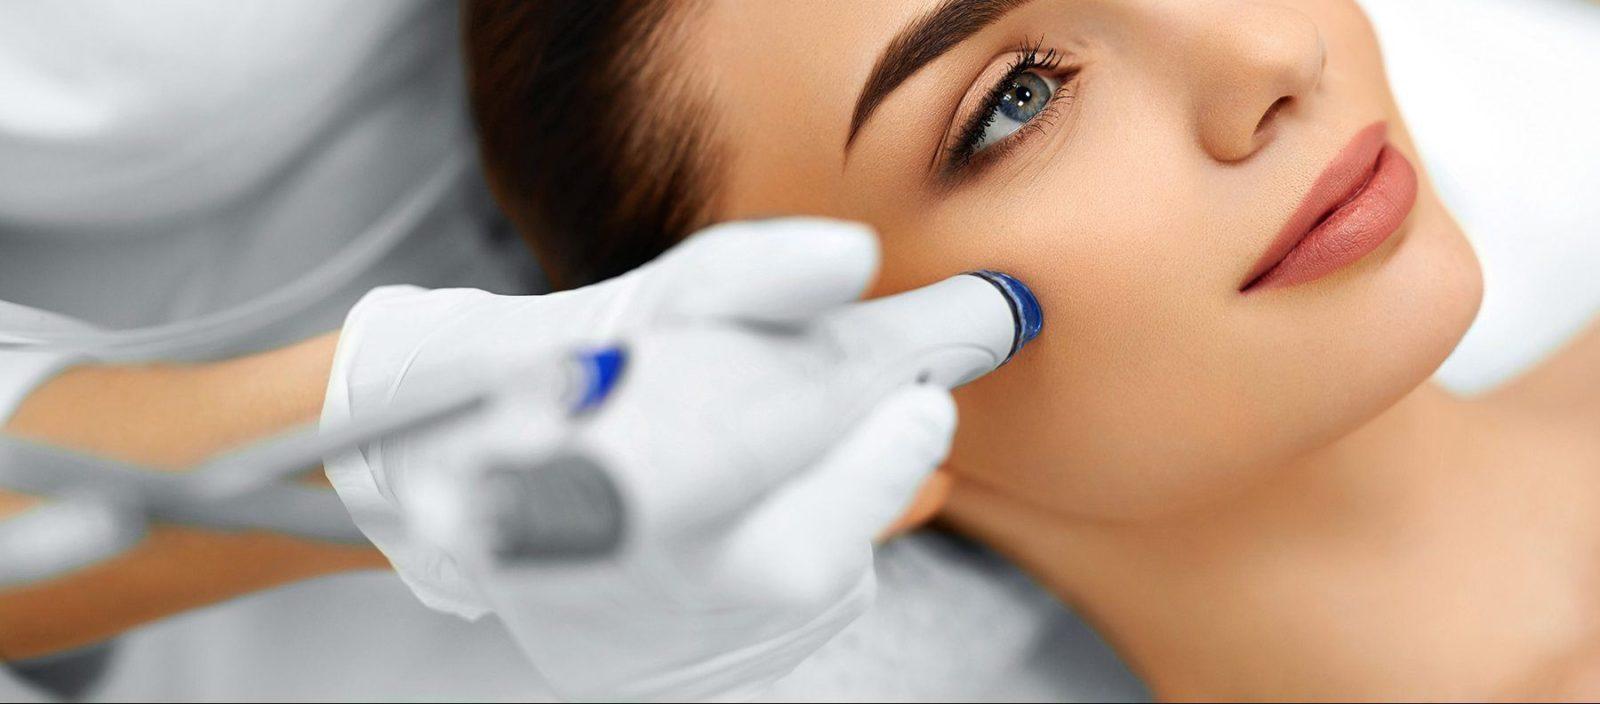 Микродермабразия – эффективное устранение недостатков кожи